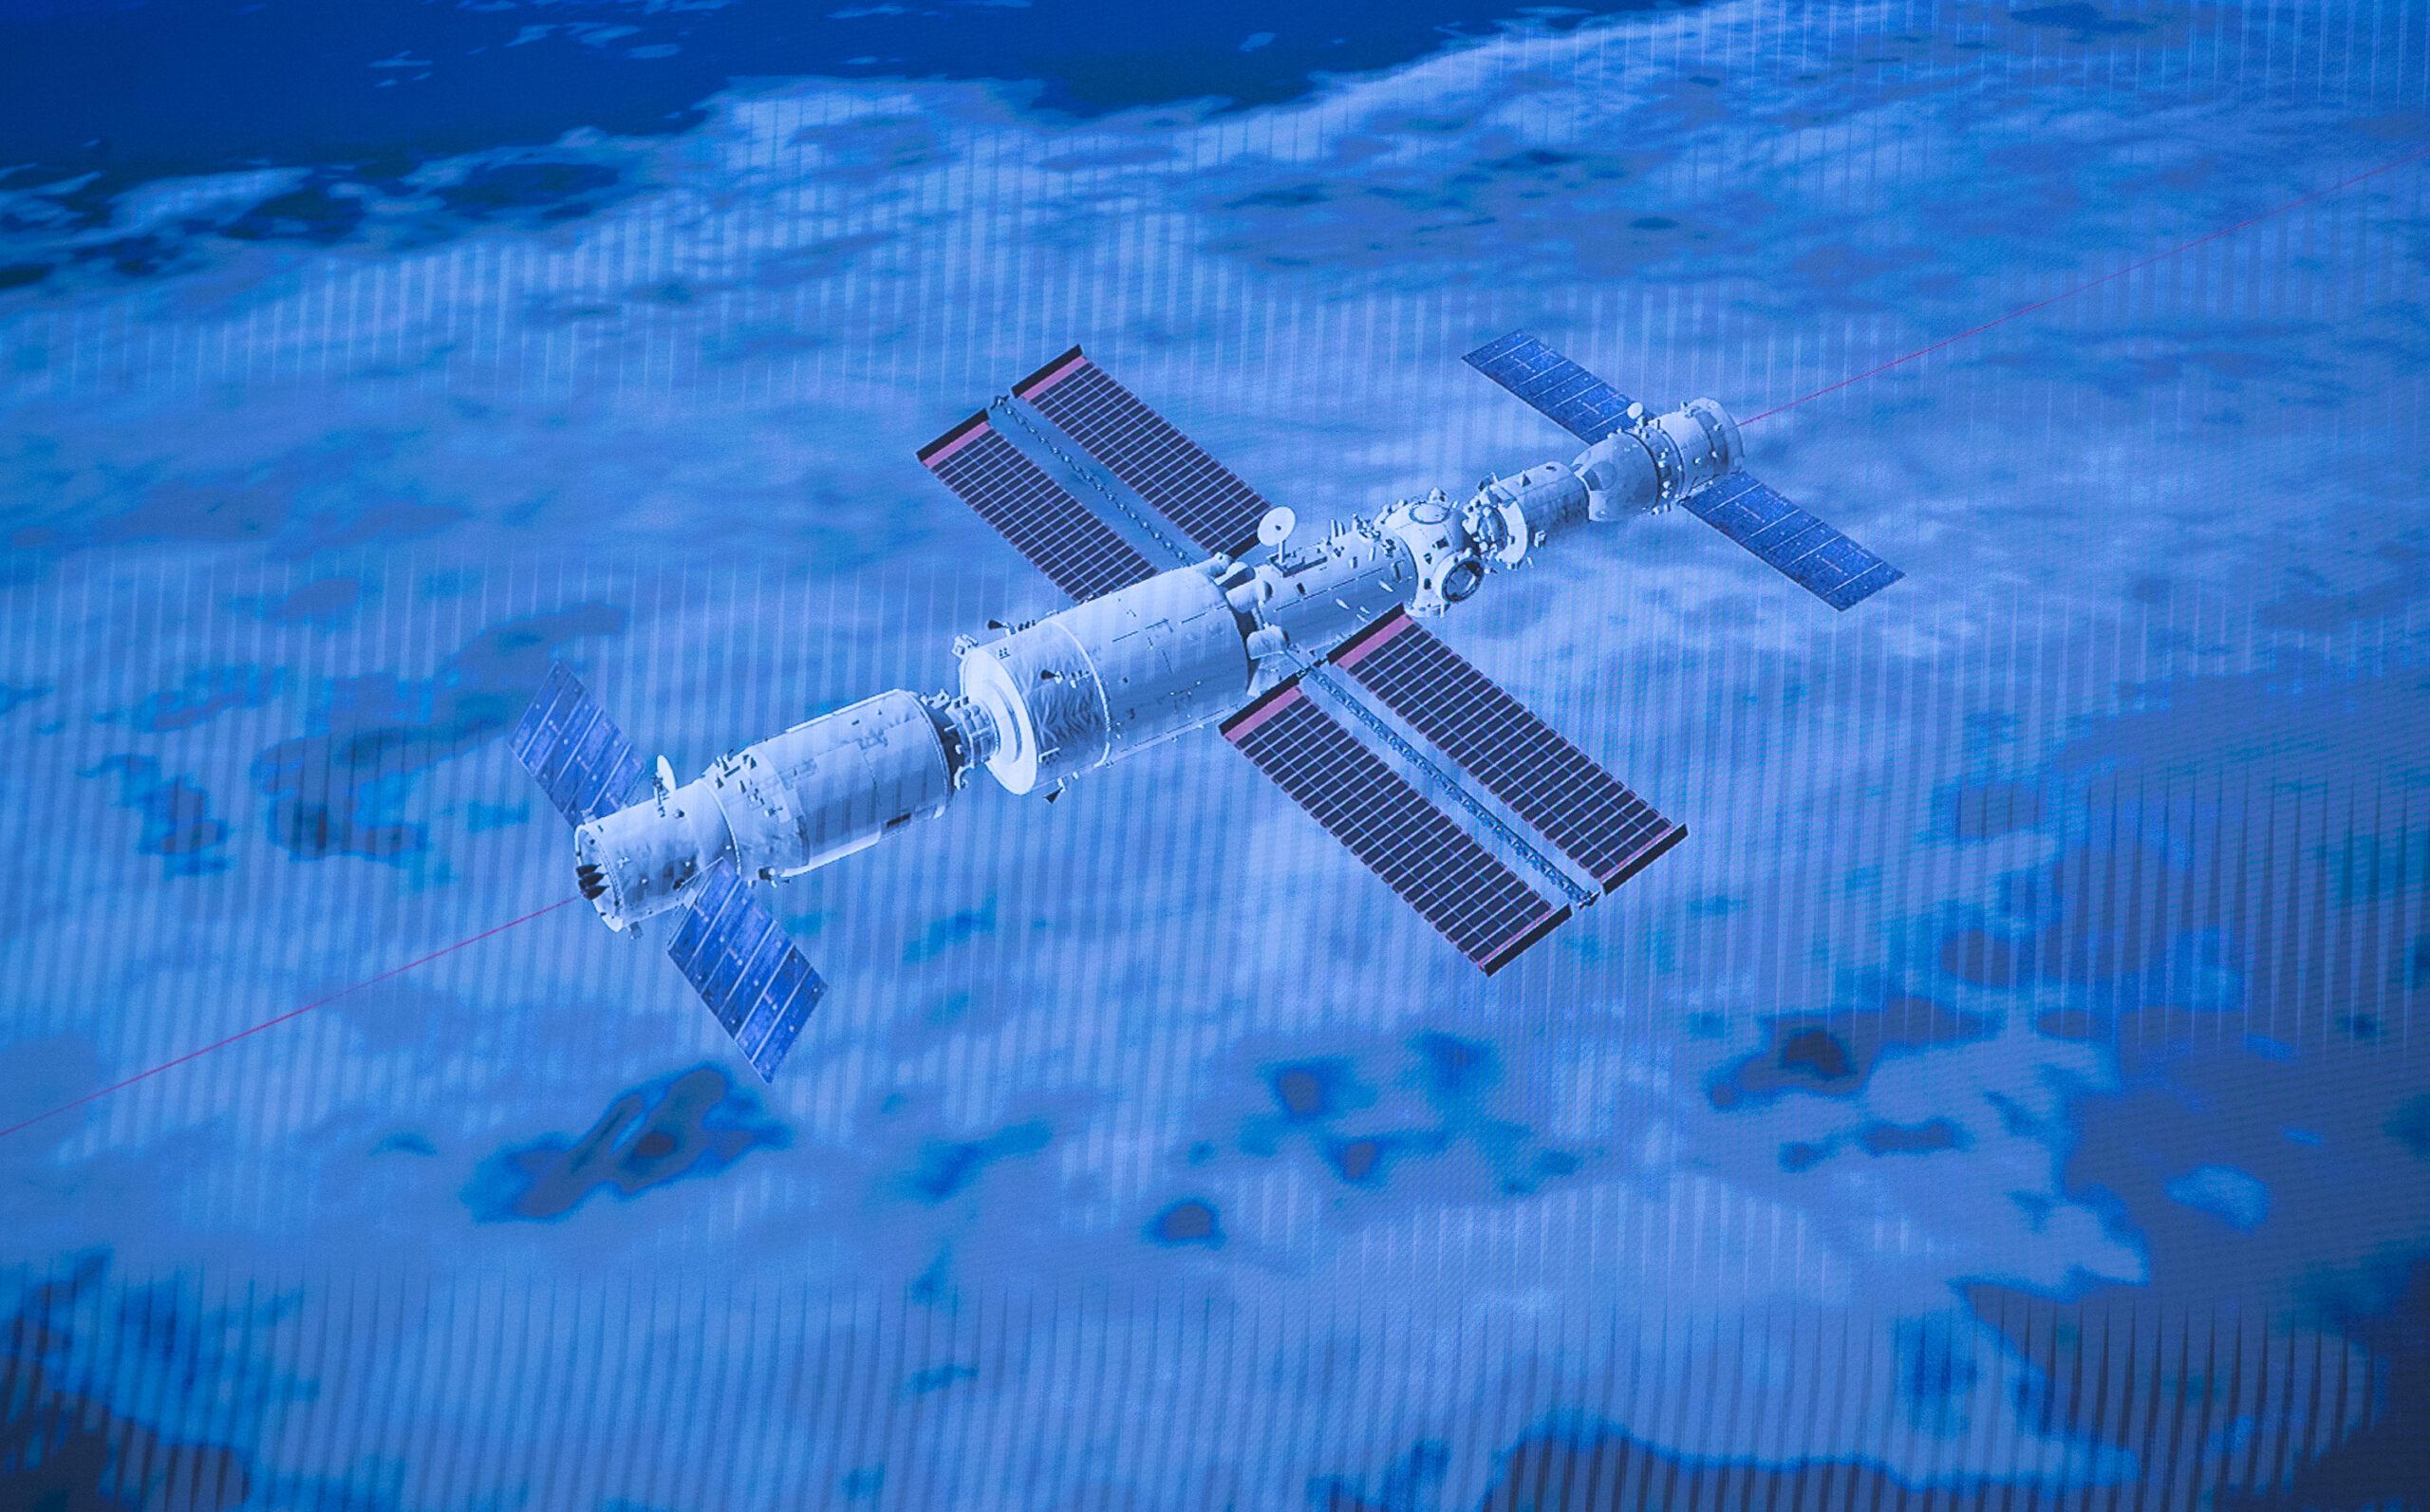 จีนสร้างสถานีเฝ้าติดตาม 'สภาพแวดล้อมในอวกาศ' แห่งใหม่